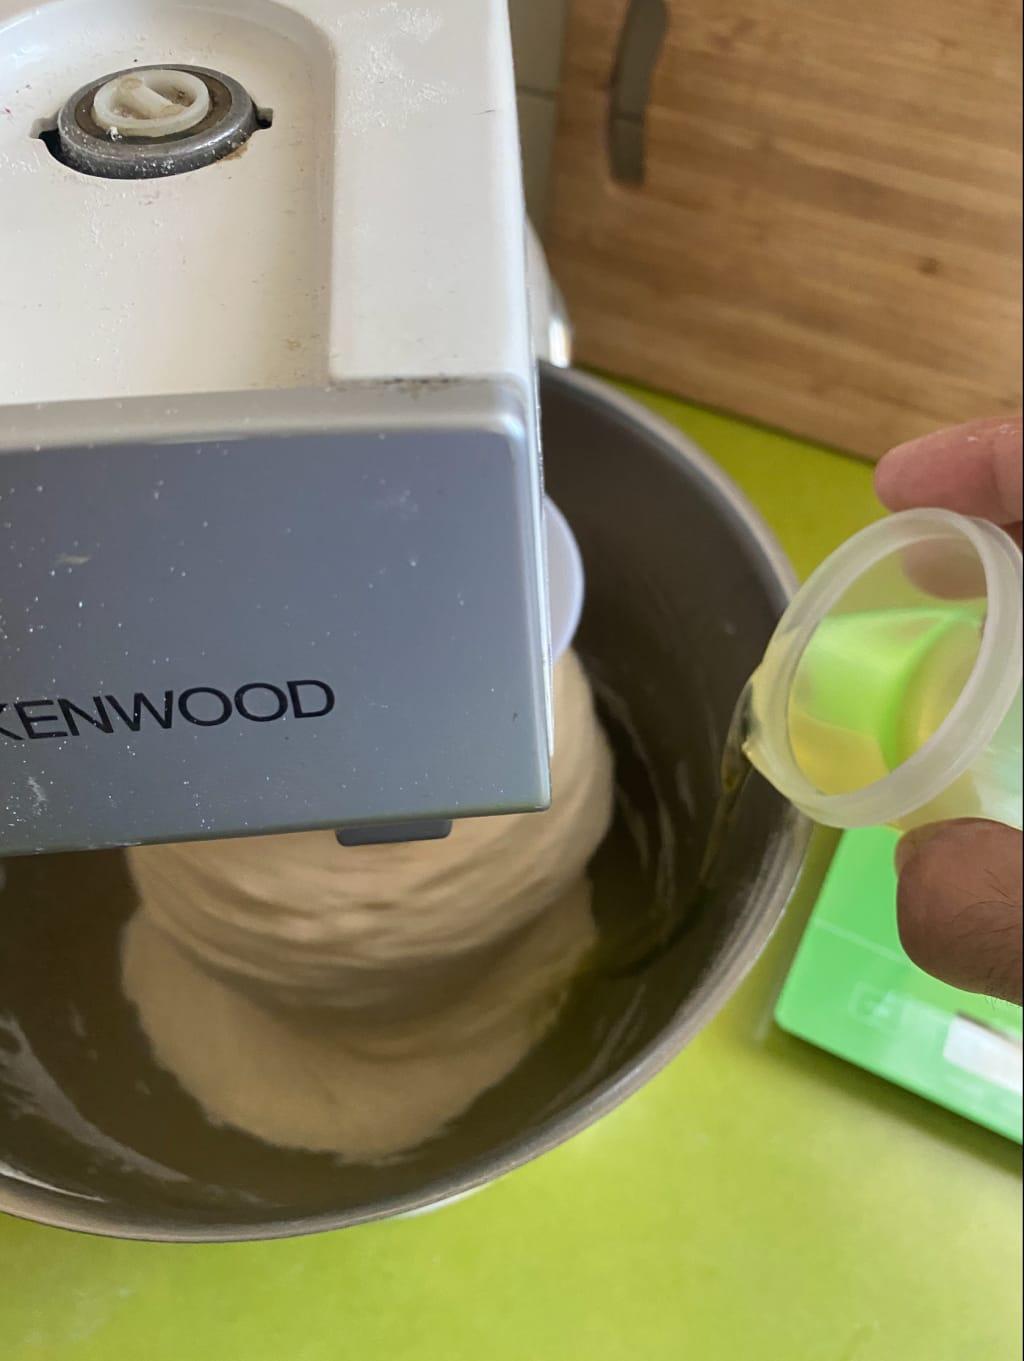 הוספת שמן לבצק, רק לאחר שכל המרכיבים עורבבו לבצק אחיד